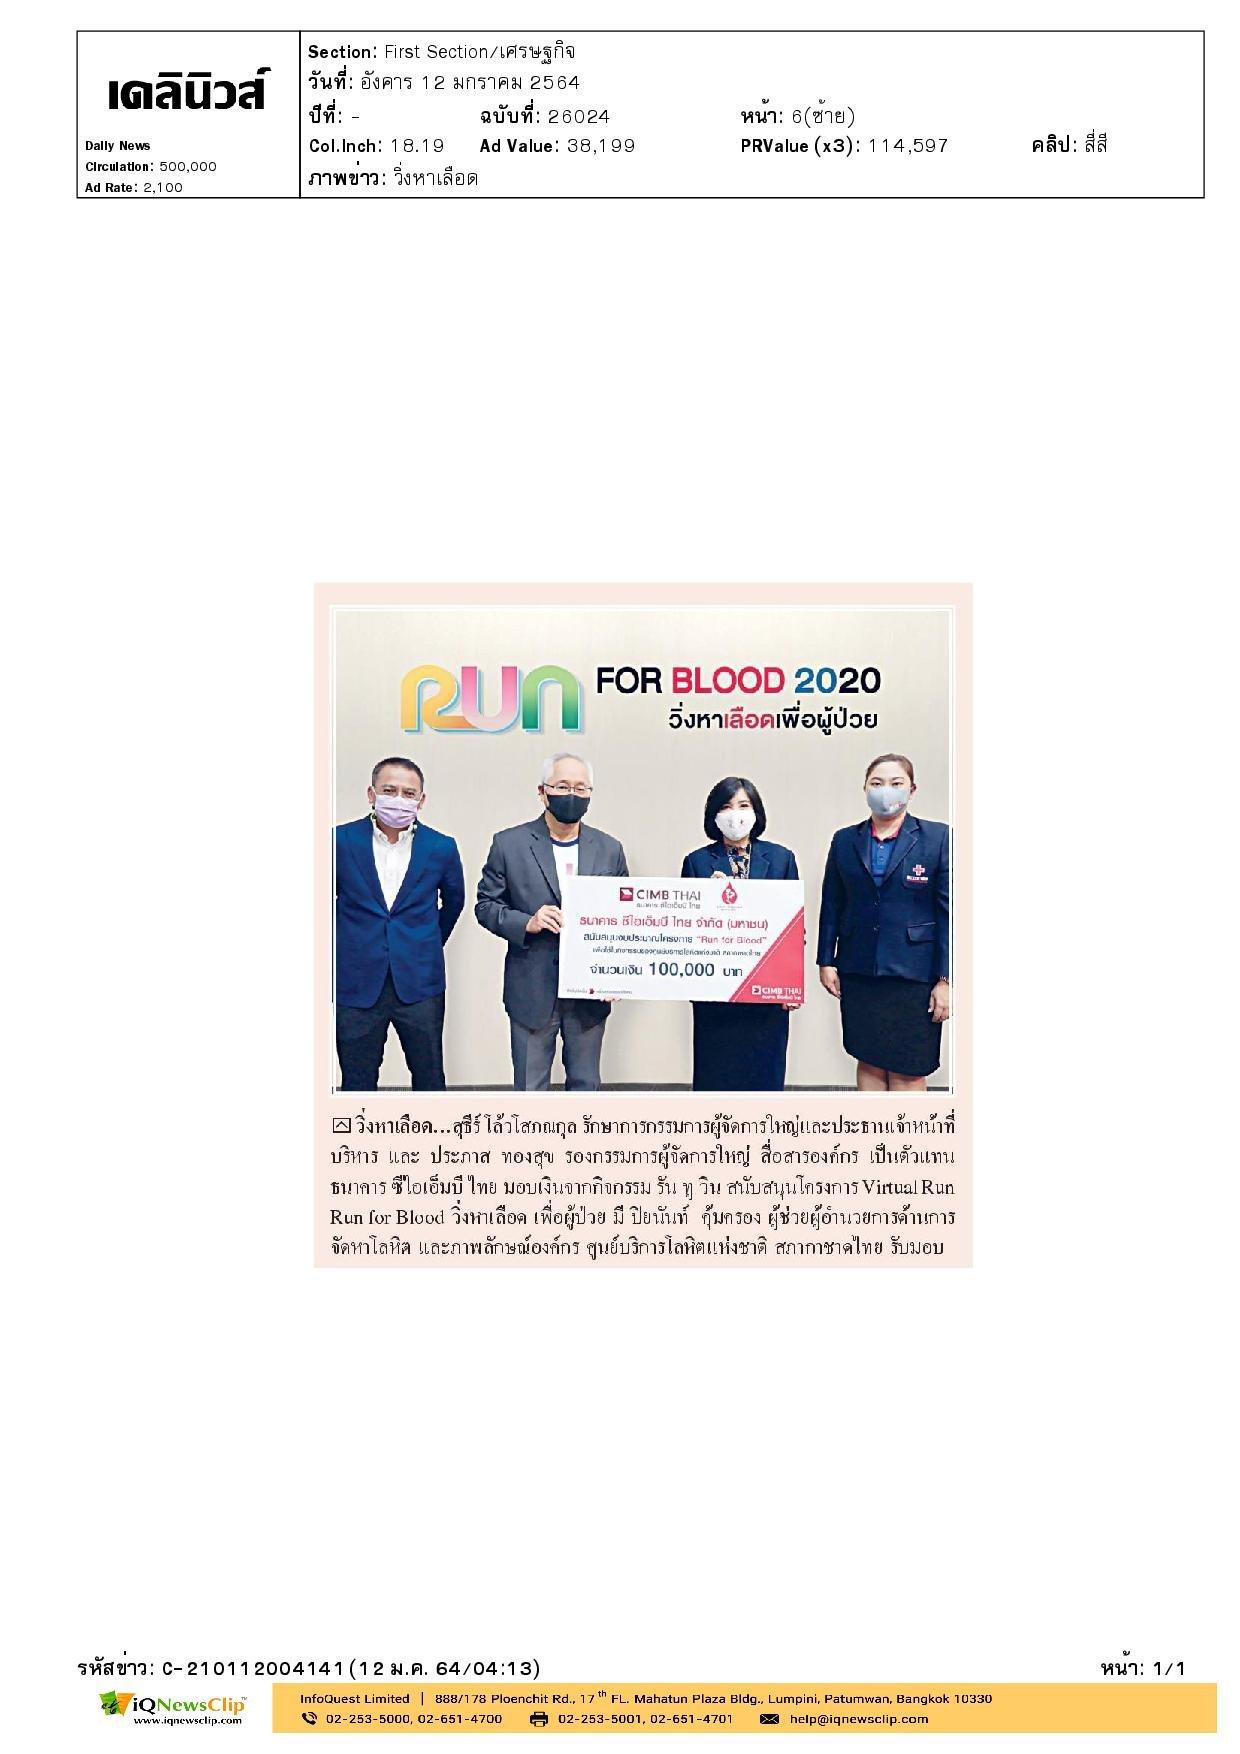 """ธนาคาร ซีไอเอ็มบี ไทย มอบเงินจากการจัดกิจรรม รัน ทู วิน สนับสนุนโครงการ Virtual Run """"Run for Blood"""